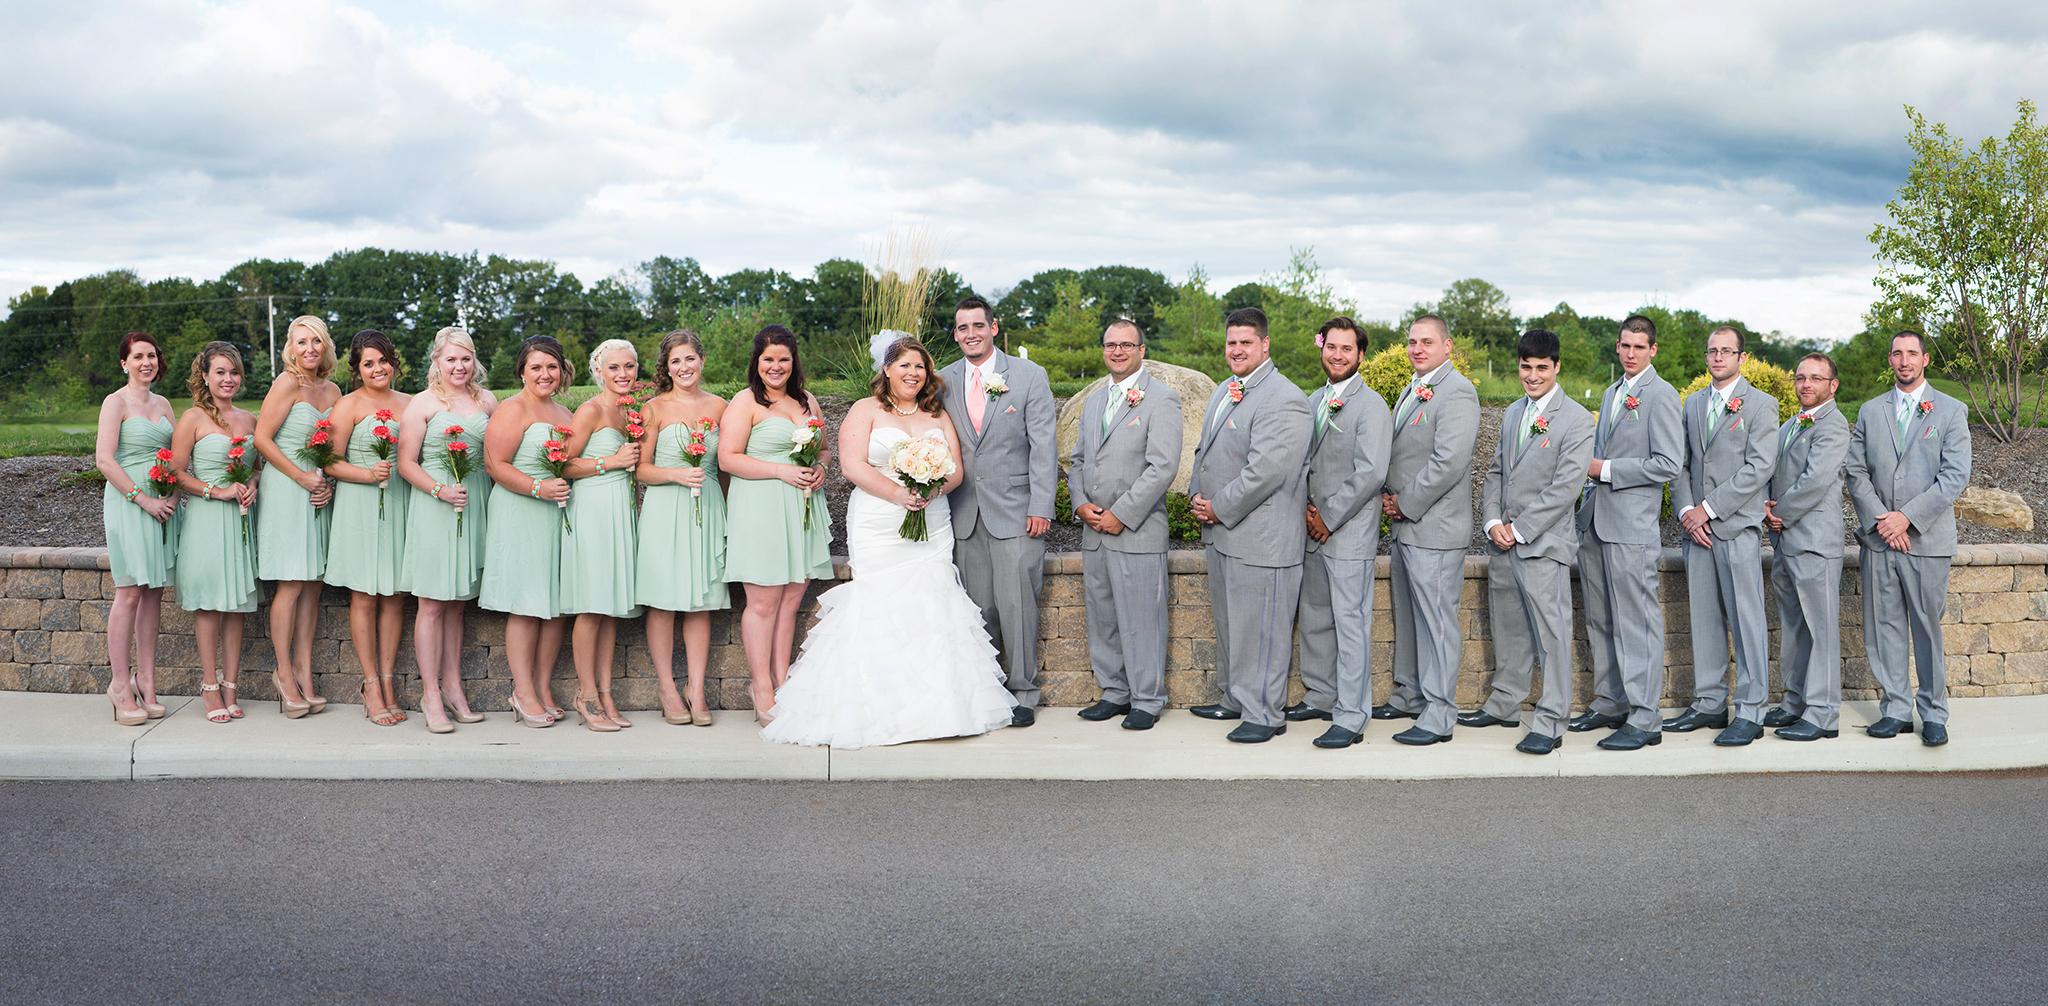 Bridal Party Pano1_FB Size.jpg